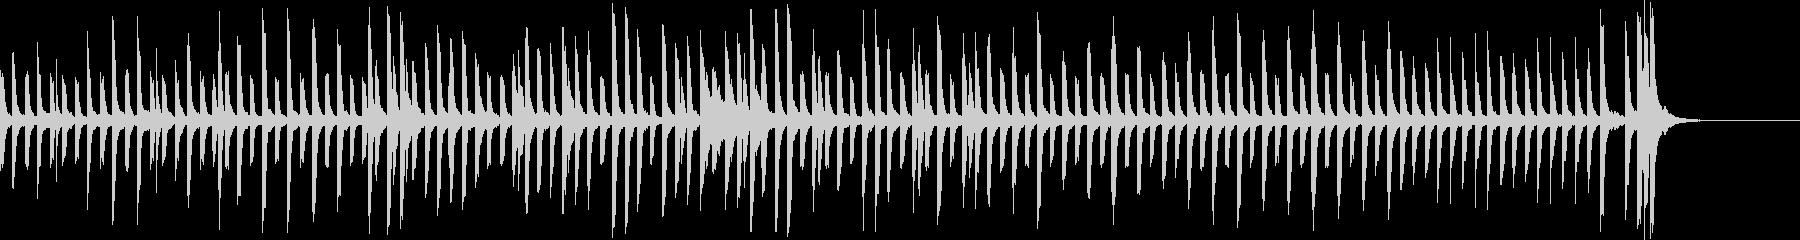 かわいくてヘンテコなピアノソロの未再生の波形